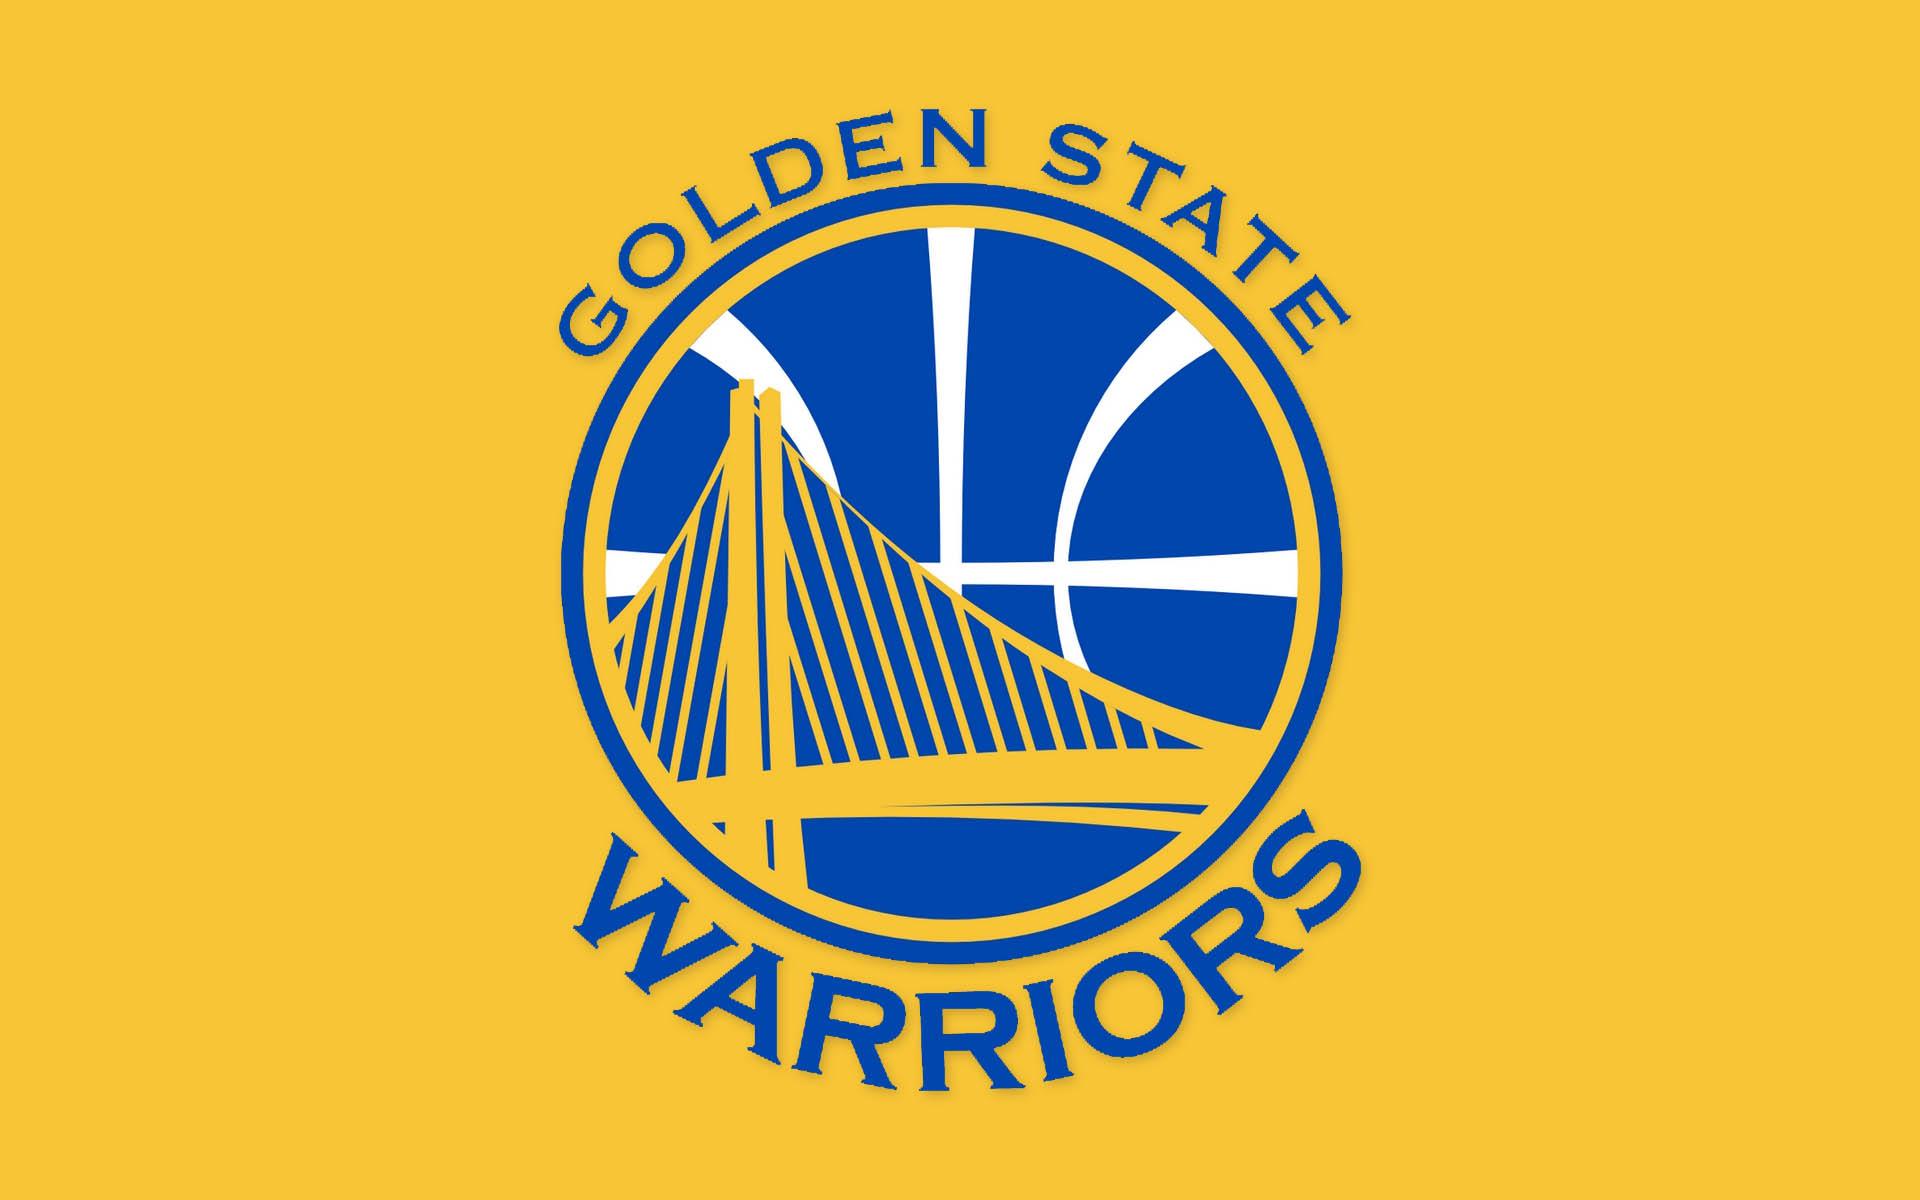 GOLDEN STATE WARRIORS nba basketball (2) wallpaper ...